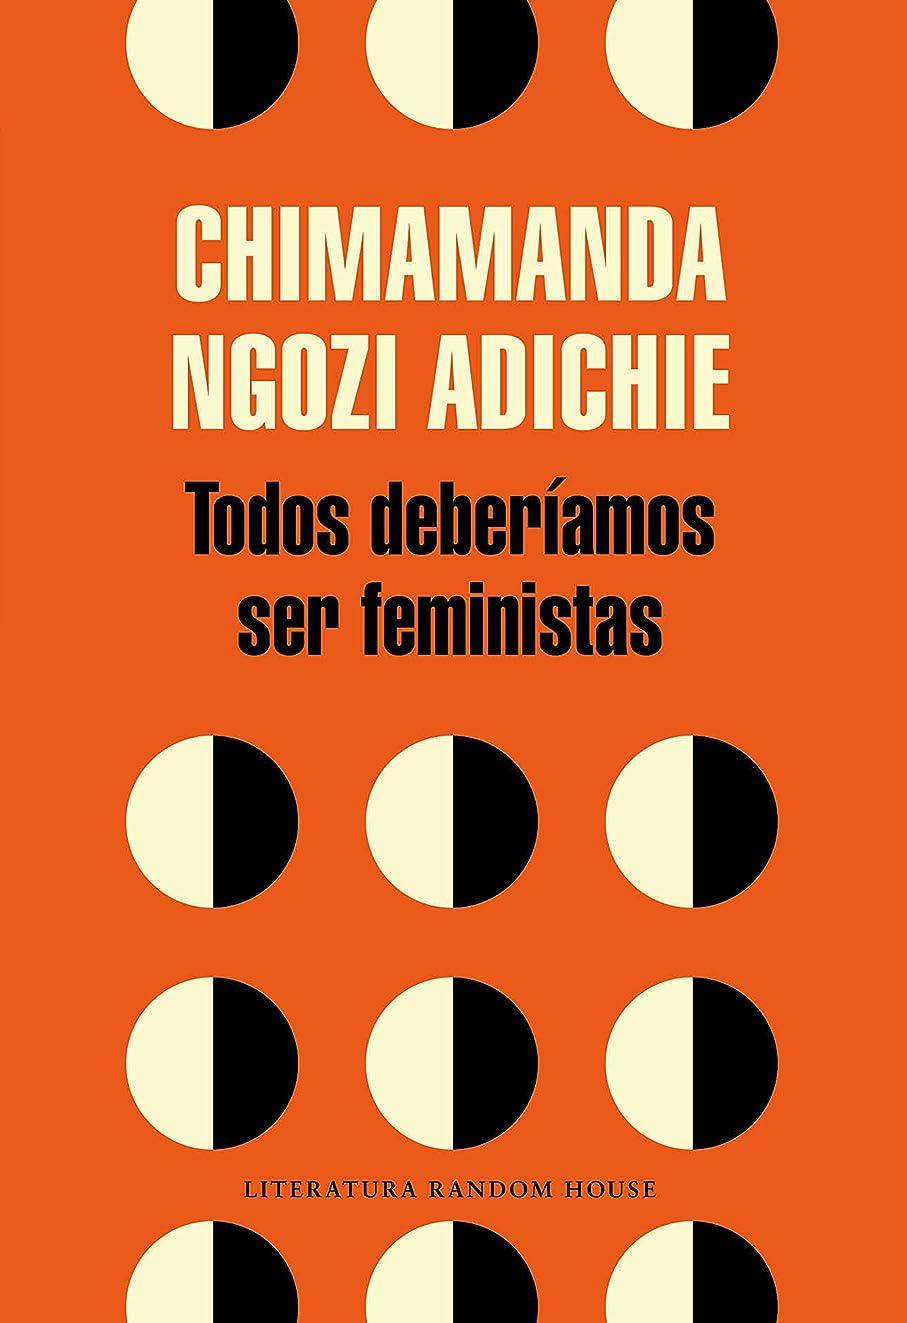 召集するディスコ大騒ぎTodos deberíamos ser feministas (Spanish Edition)